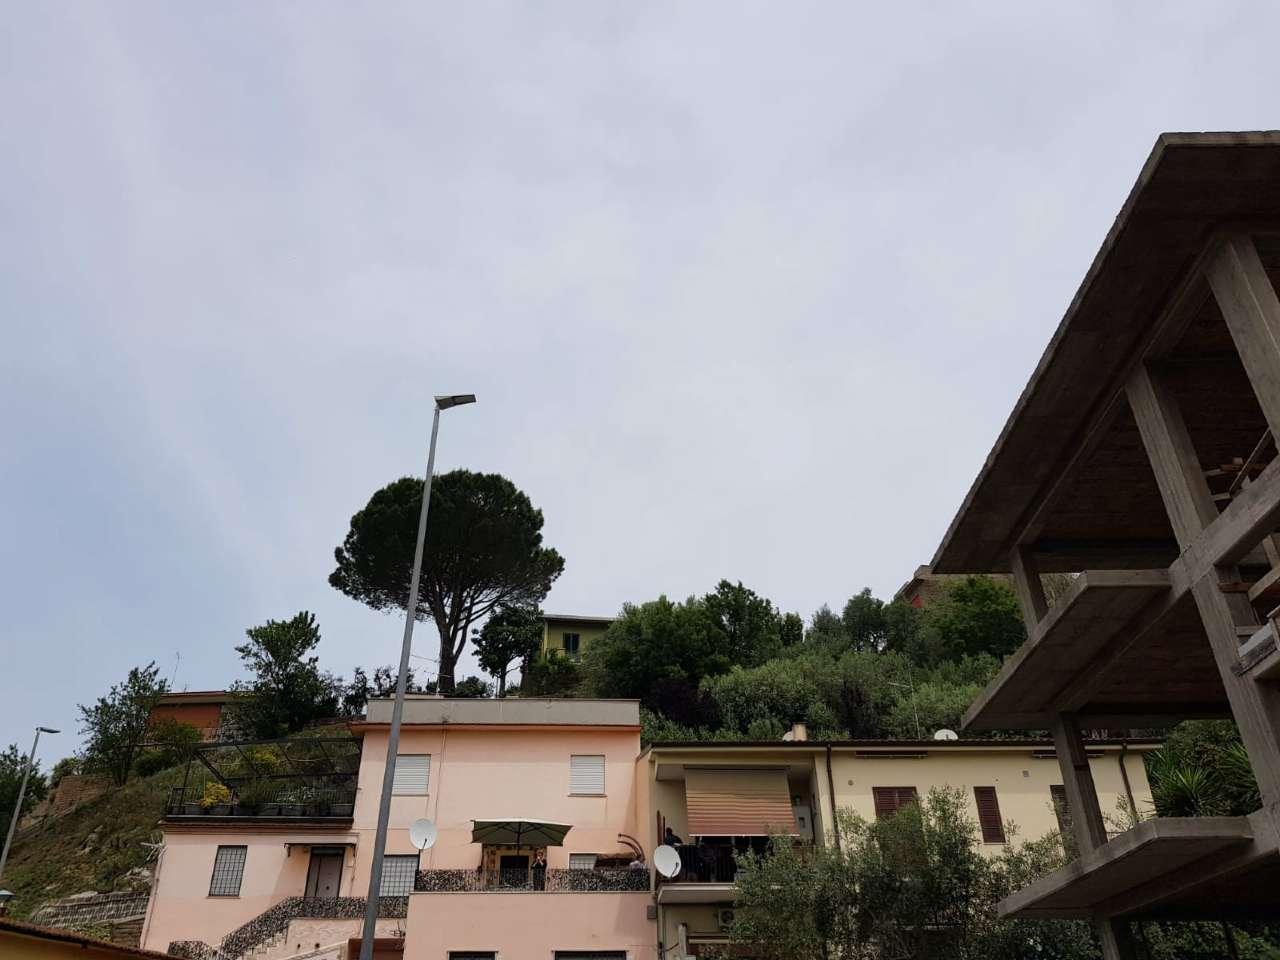 Appartamento in vendita a Roma, 2 locali, zona Zona: 34 . Bufalotta, Sette Bagni, Casal Boccone, Casale Monastero, Settecamini, prezzo € 99.000 | CambioCasa.it